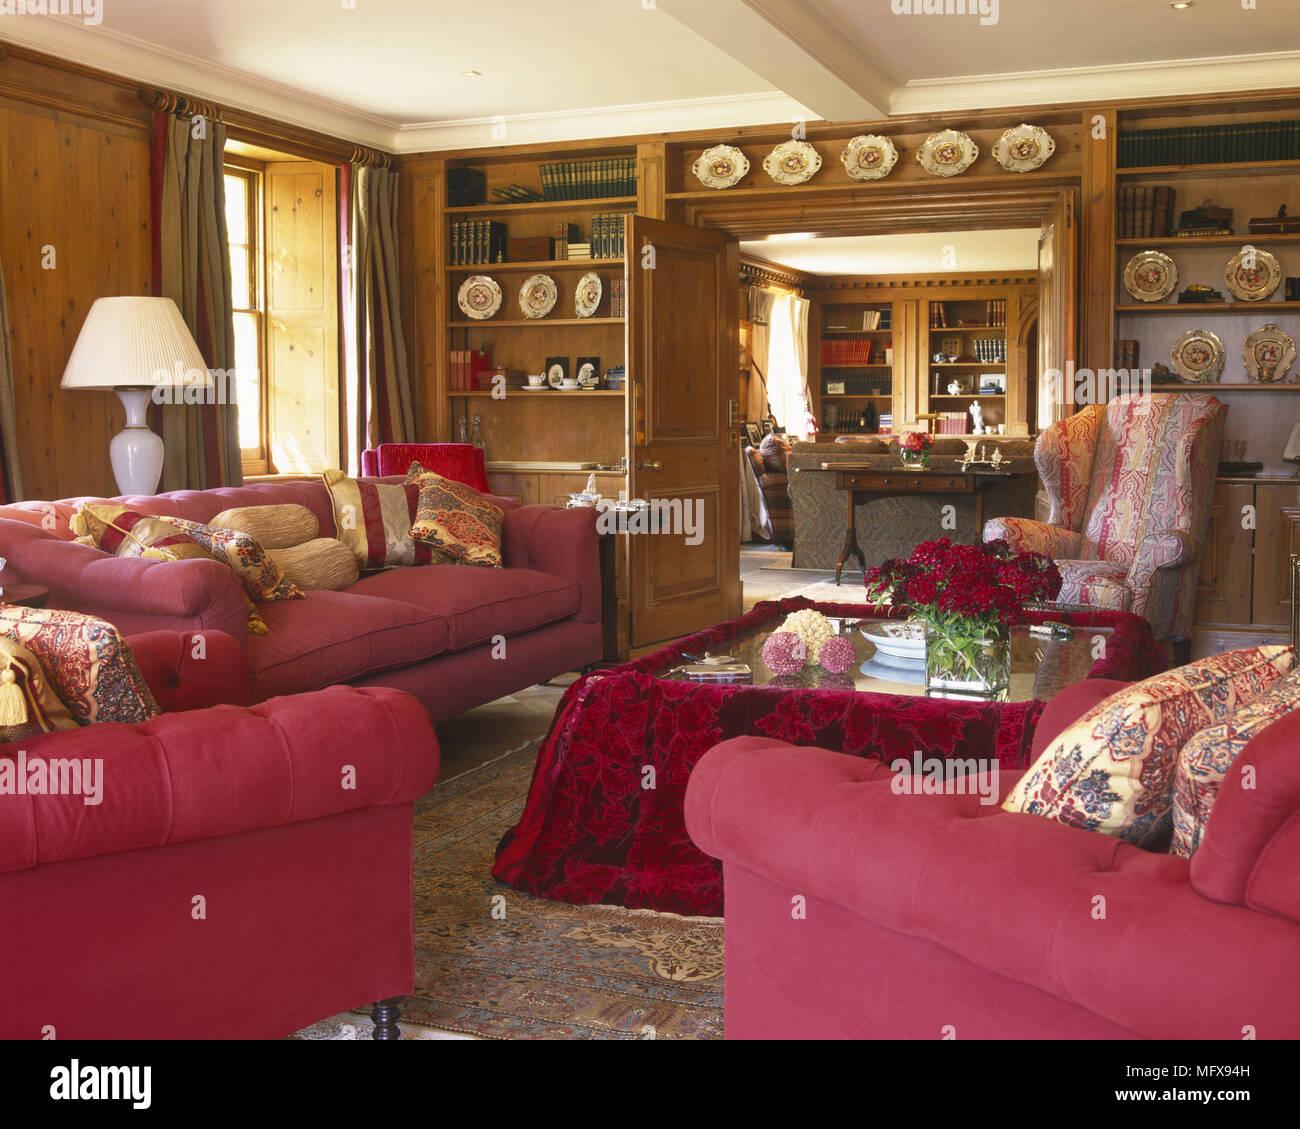 Gepolsterte Rote Sofa Und Sesseln Rund Um Tisch Im Wohnzimmer